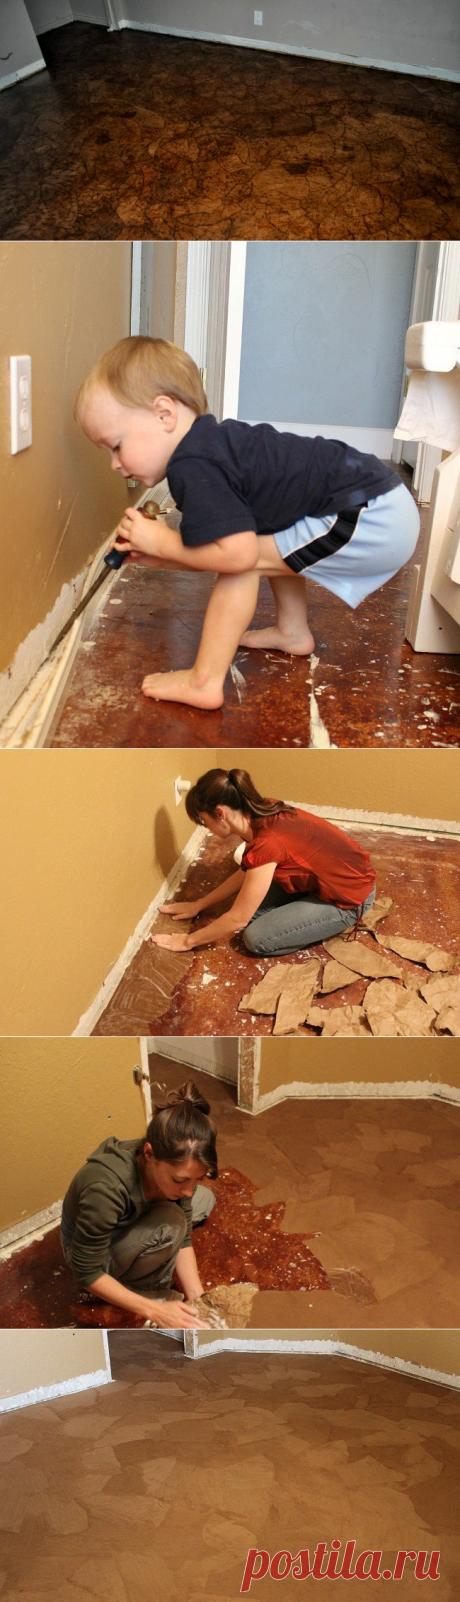 Como renovar el suelo sin gastos superfluos: ¡este secreto volverá tu representación sobre la reparación!